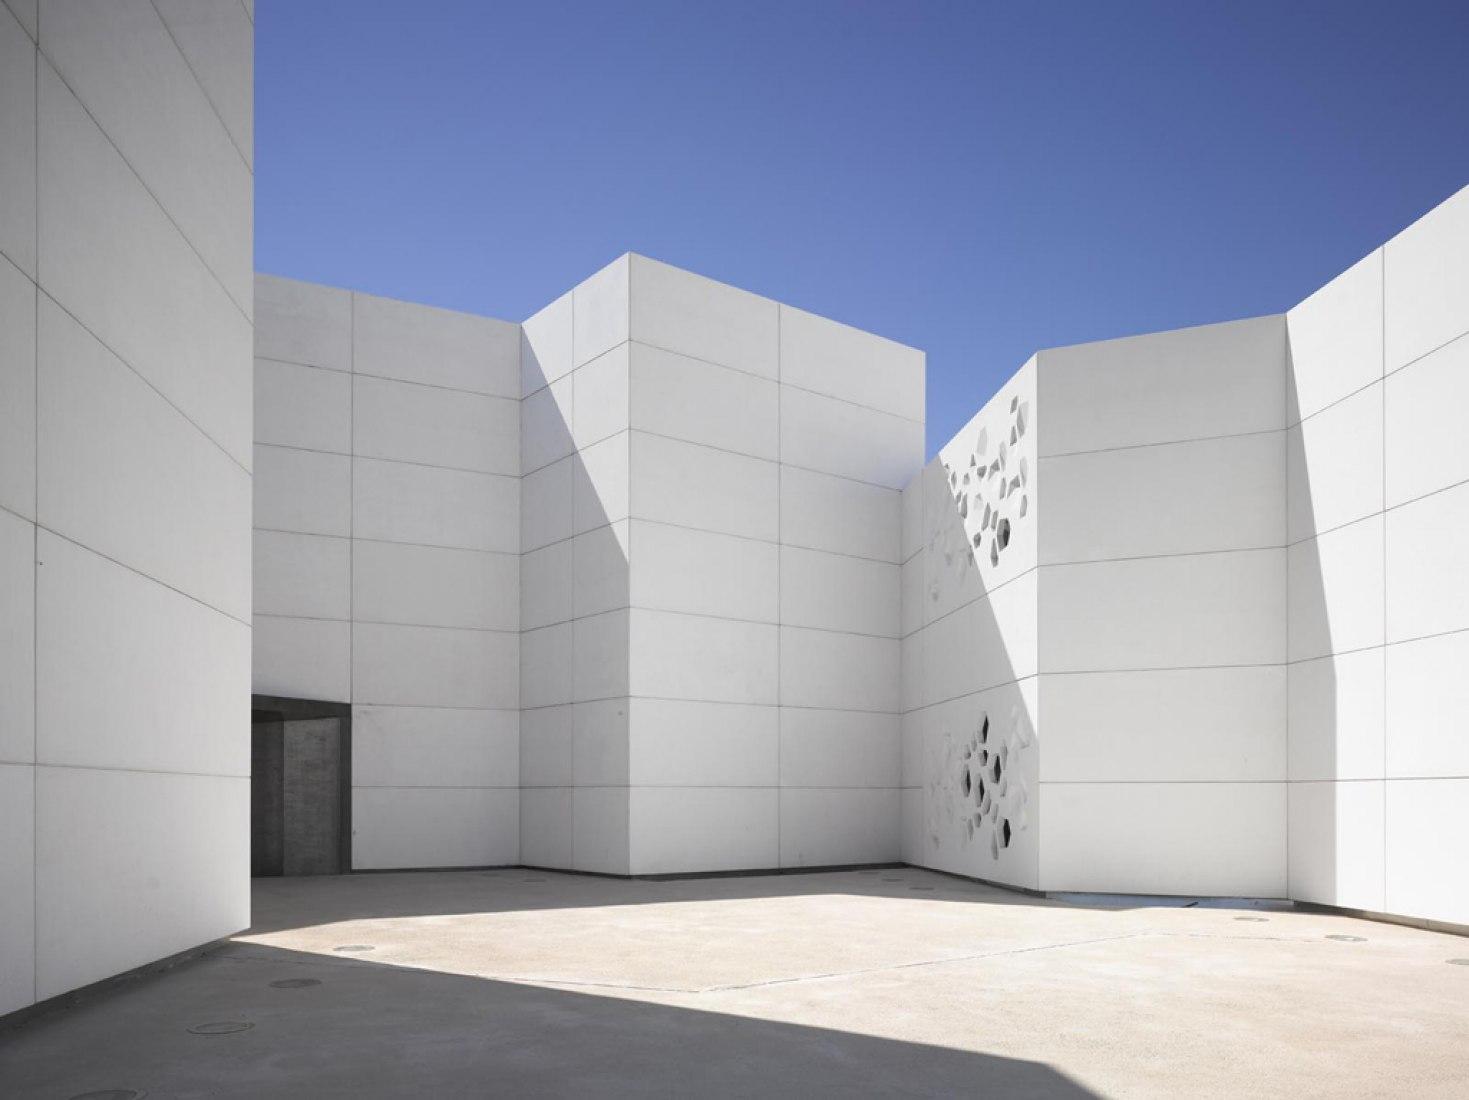 Entrada, Espacio Andaluz de Creación Contemporánea por Nieto Sobejano Arquitectos. Fotografía © Roland Halbe.